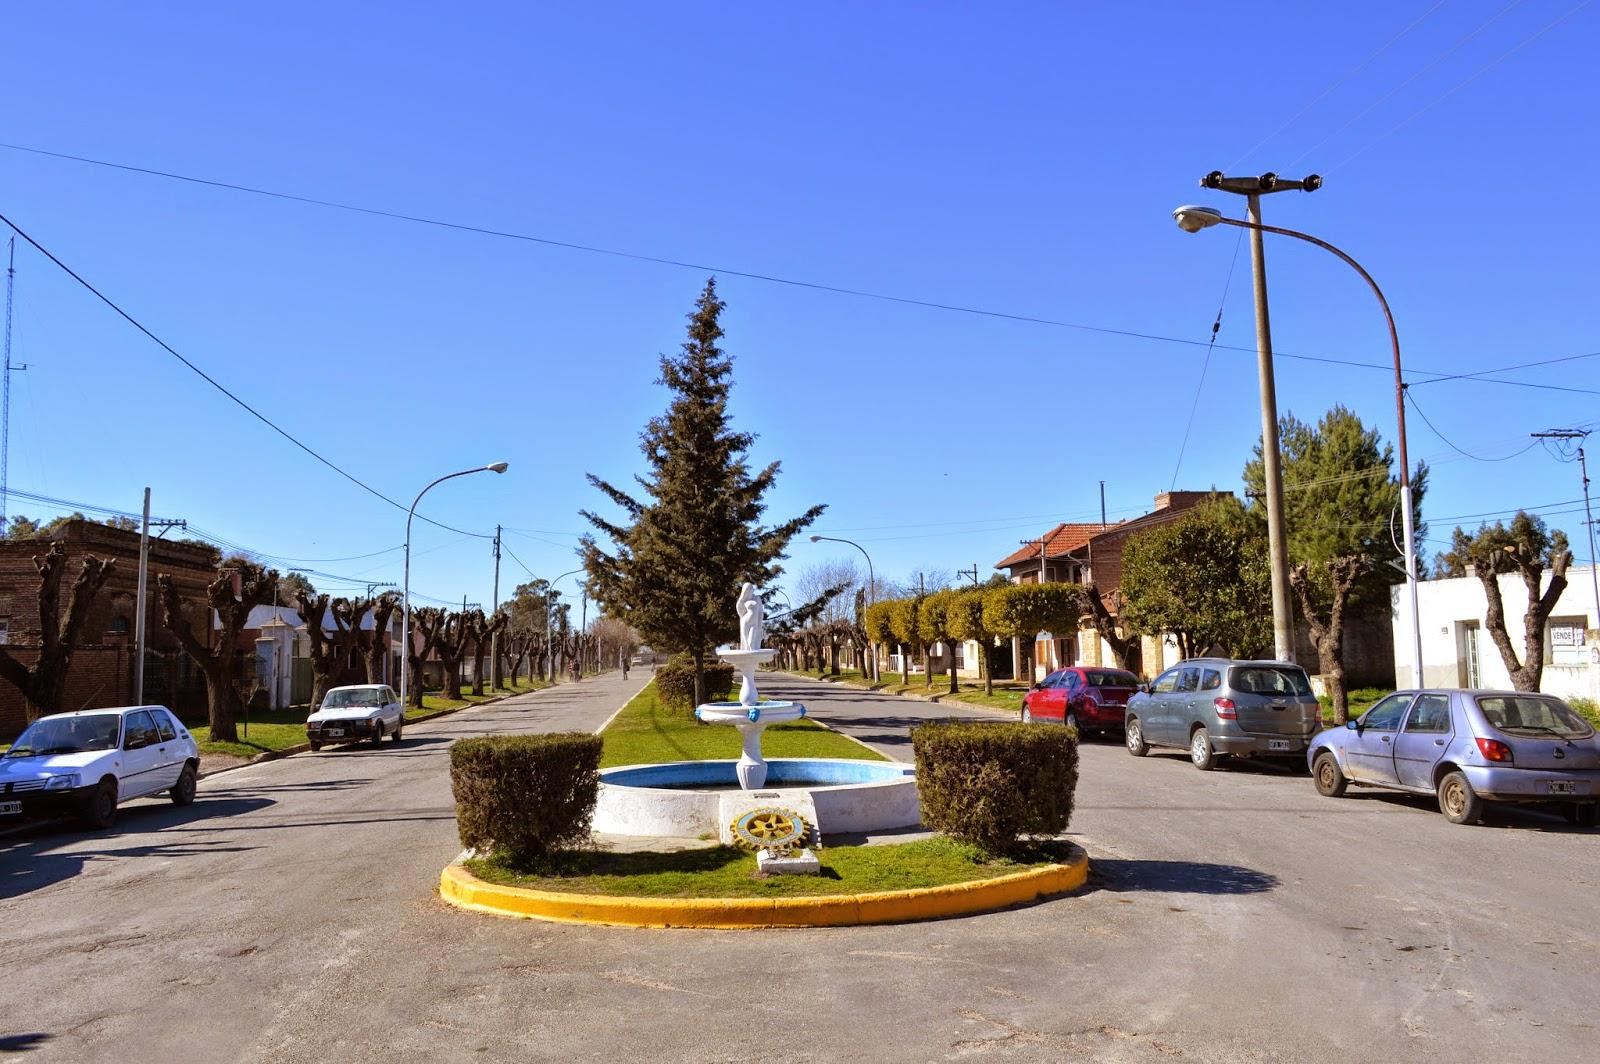 Norberto de Buenos Aires: CORONEL SUAREZ: COLONIAS DE